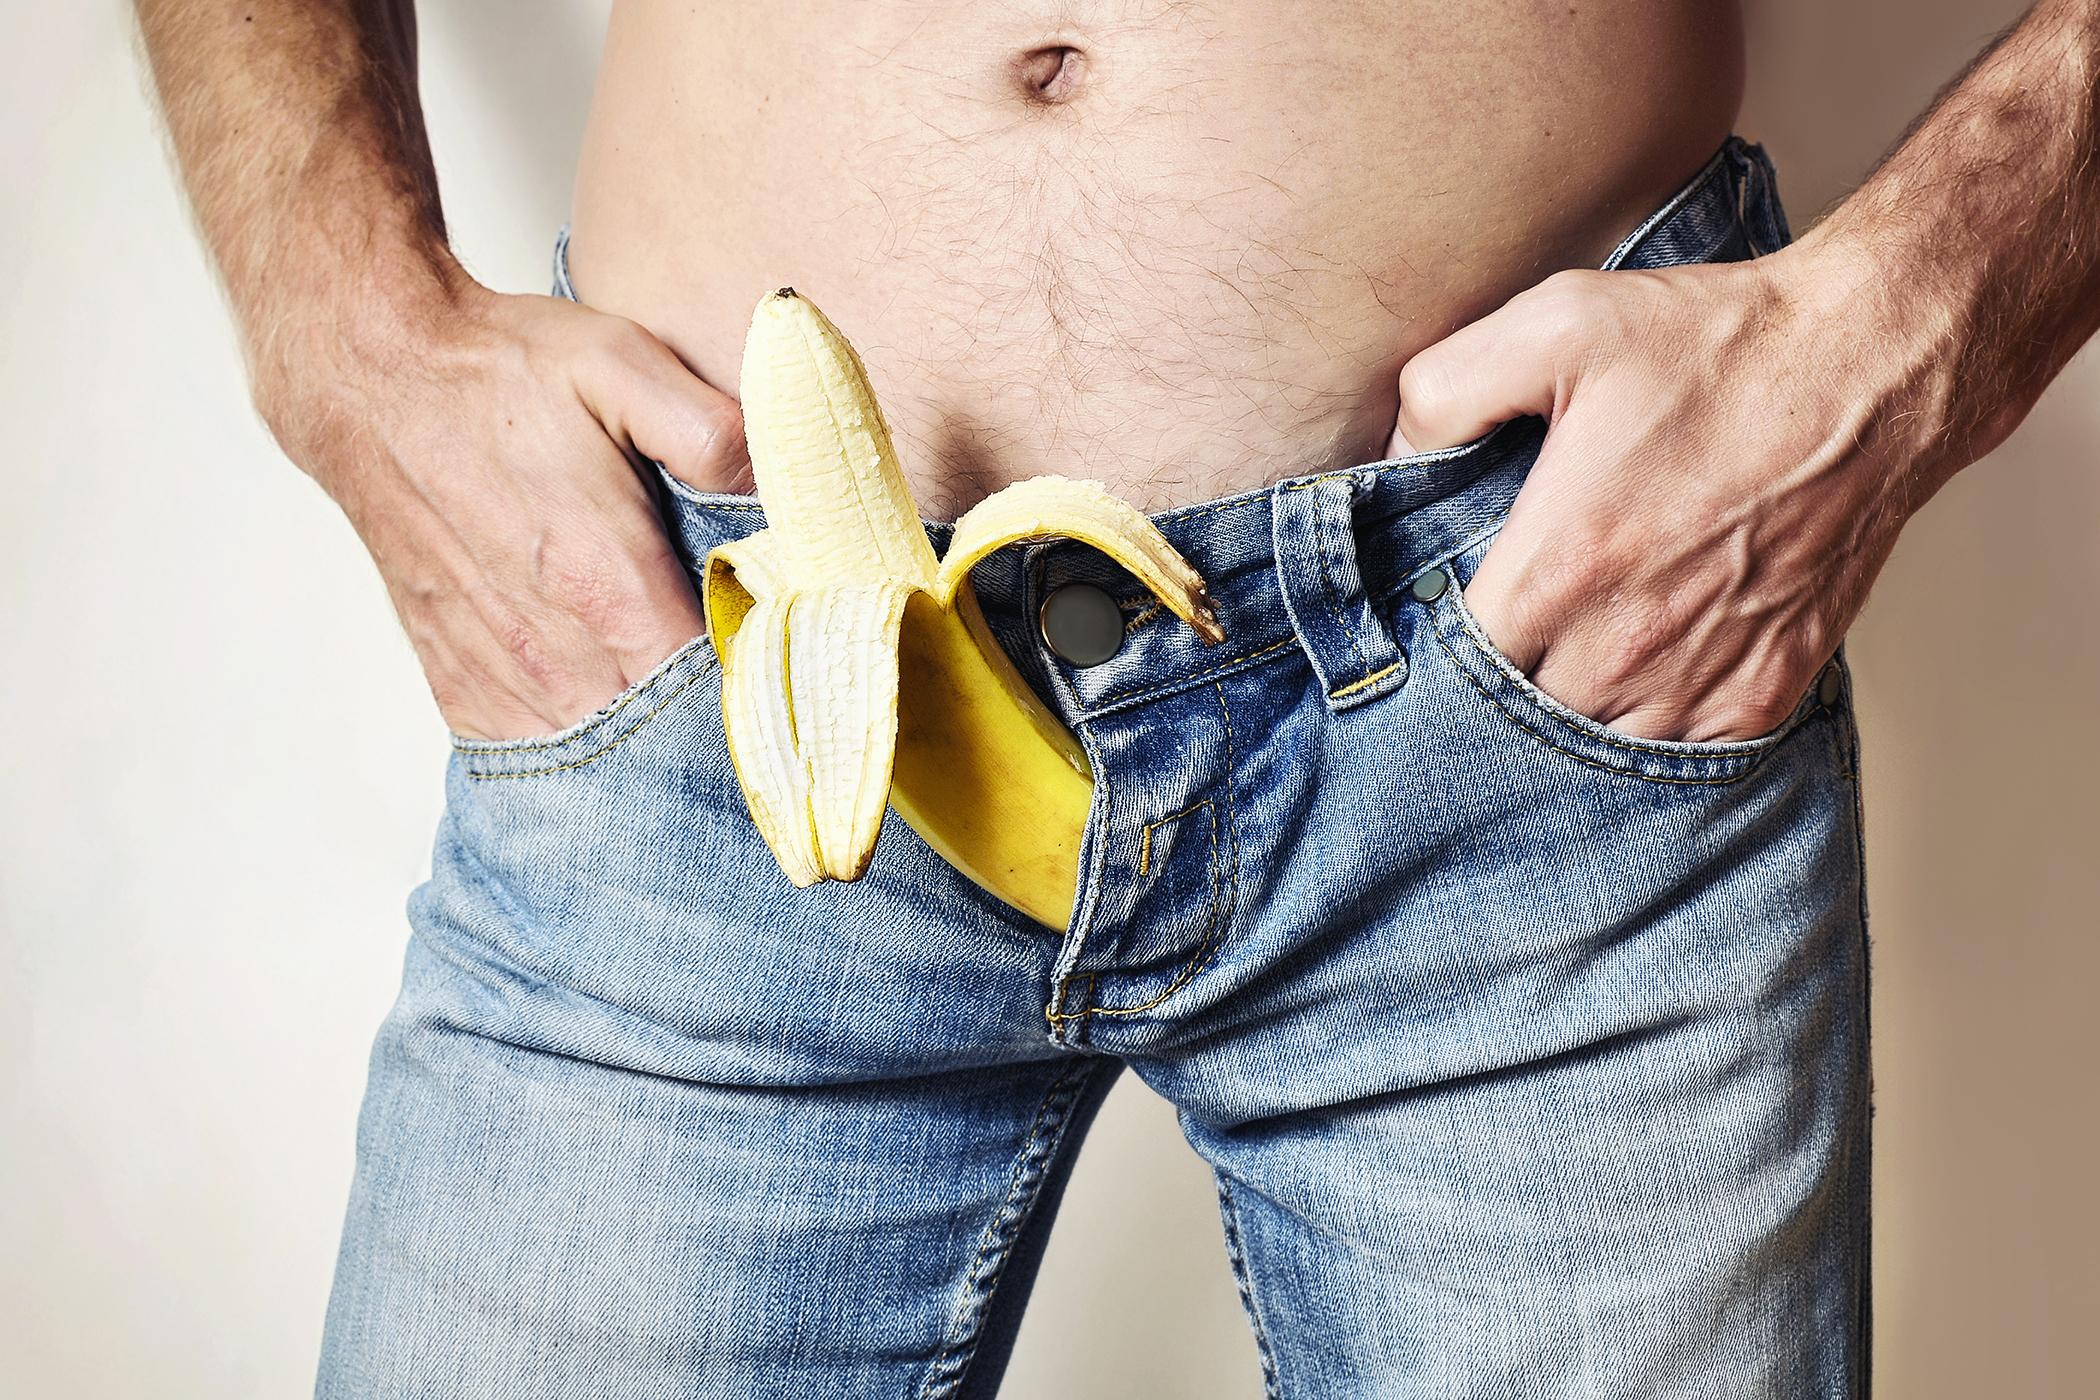 folliculitis a péniszen erekciót támogató termékek